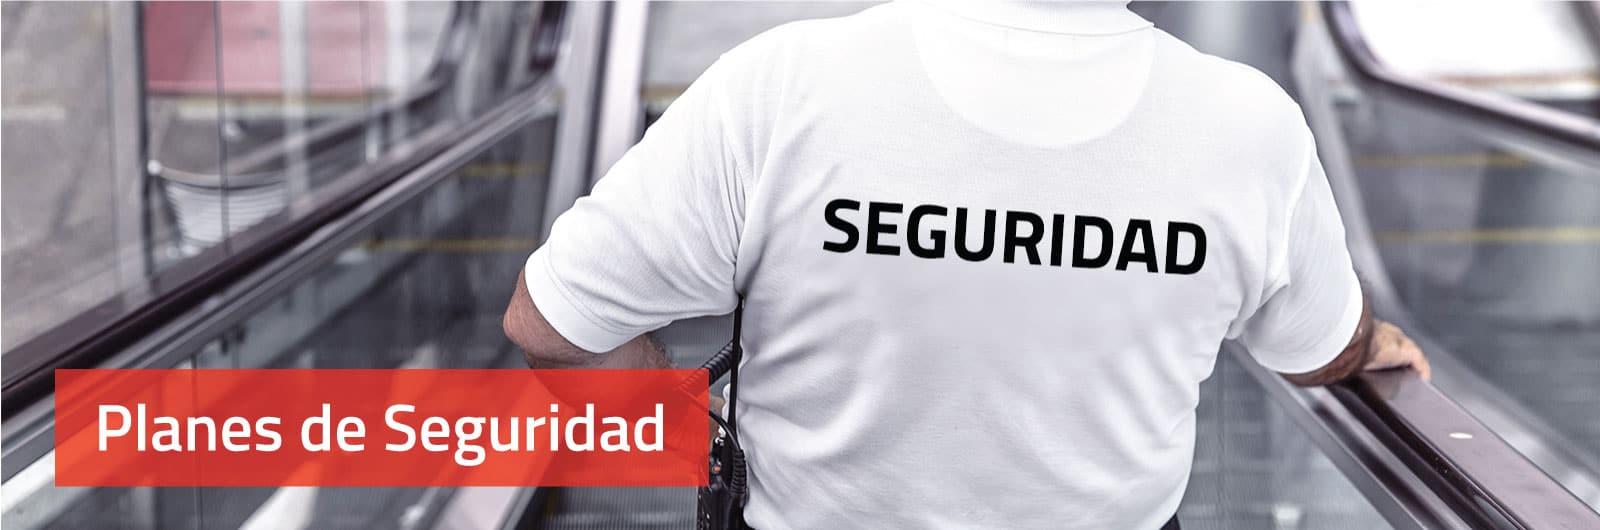 planes-de-seguridad-empresa-madrid